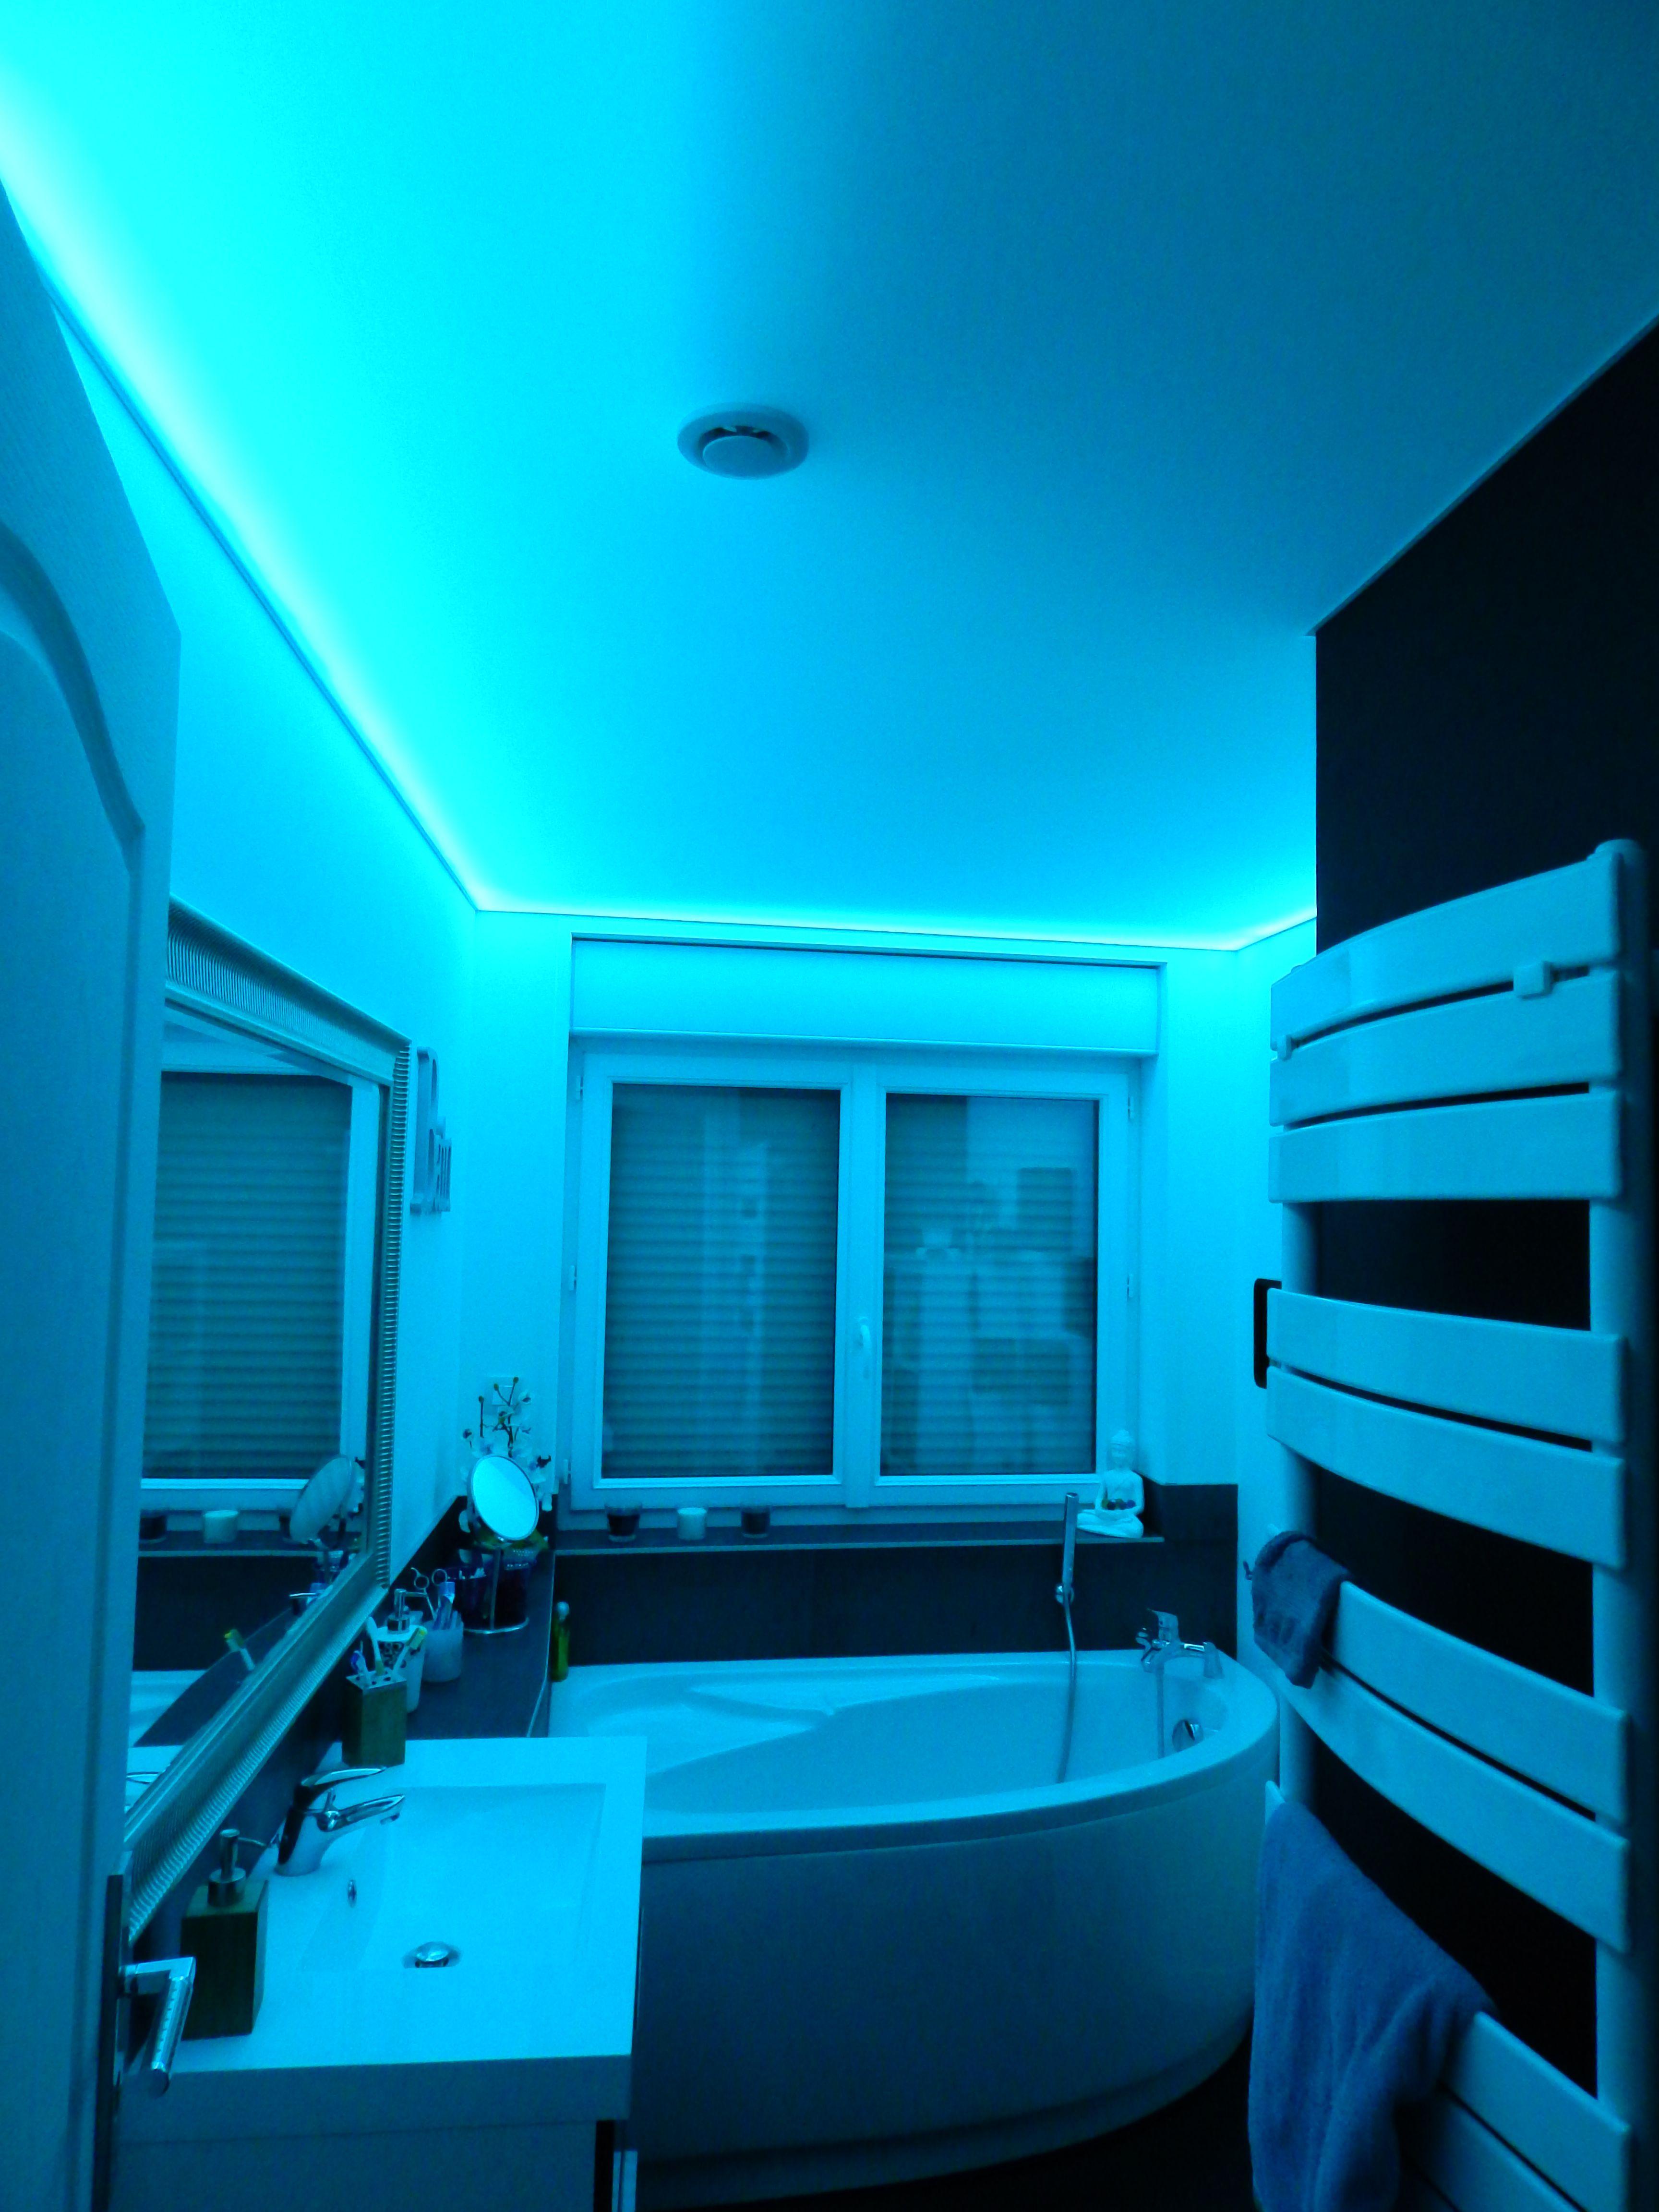 plafond lumineux en toile tendue plafond lumineux toile tendue et. Black Bedroom Furniture Sets. Home Design Ideas